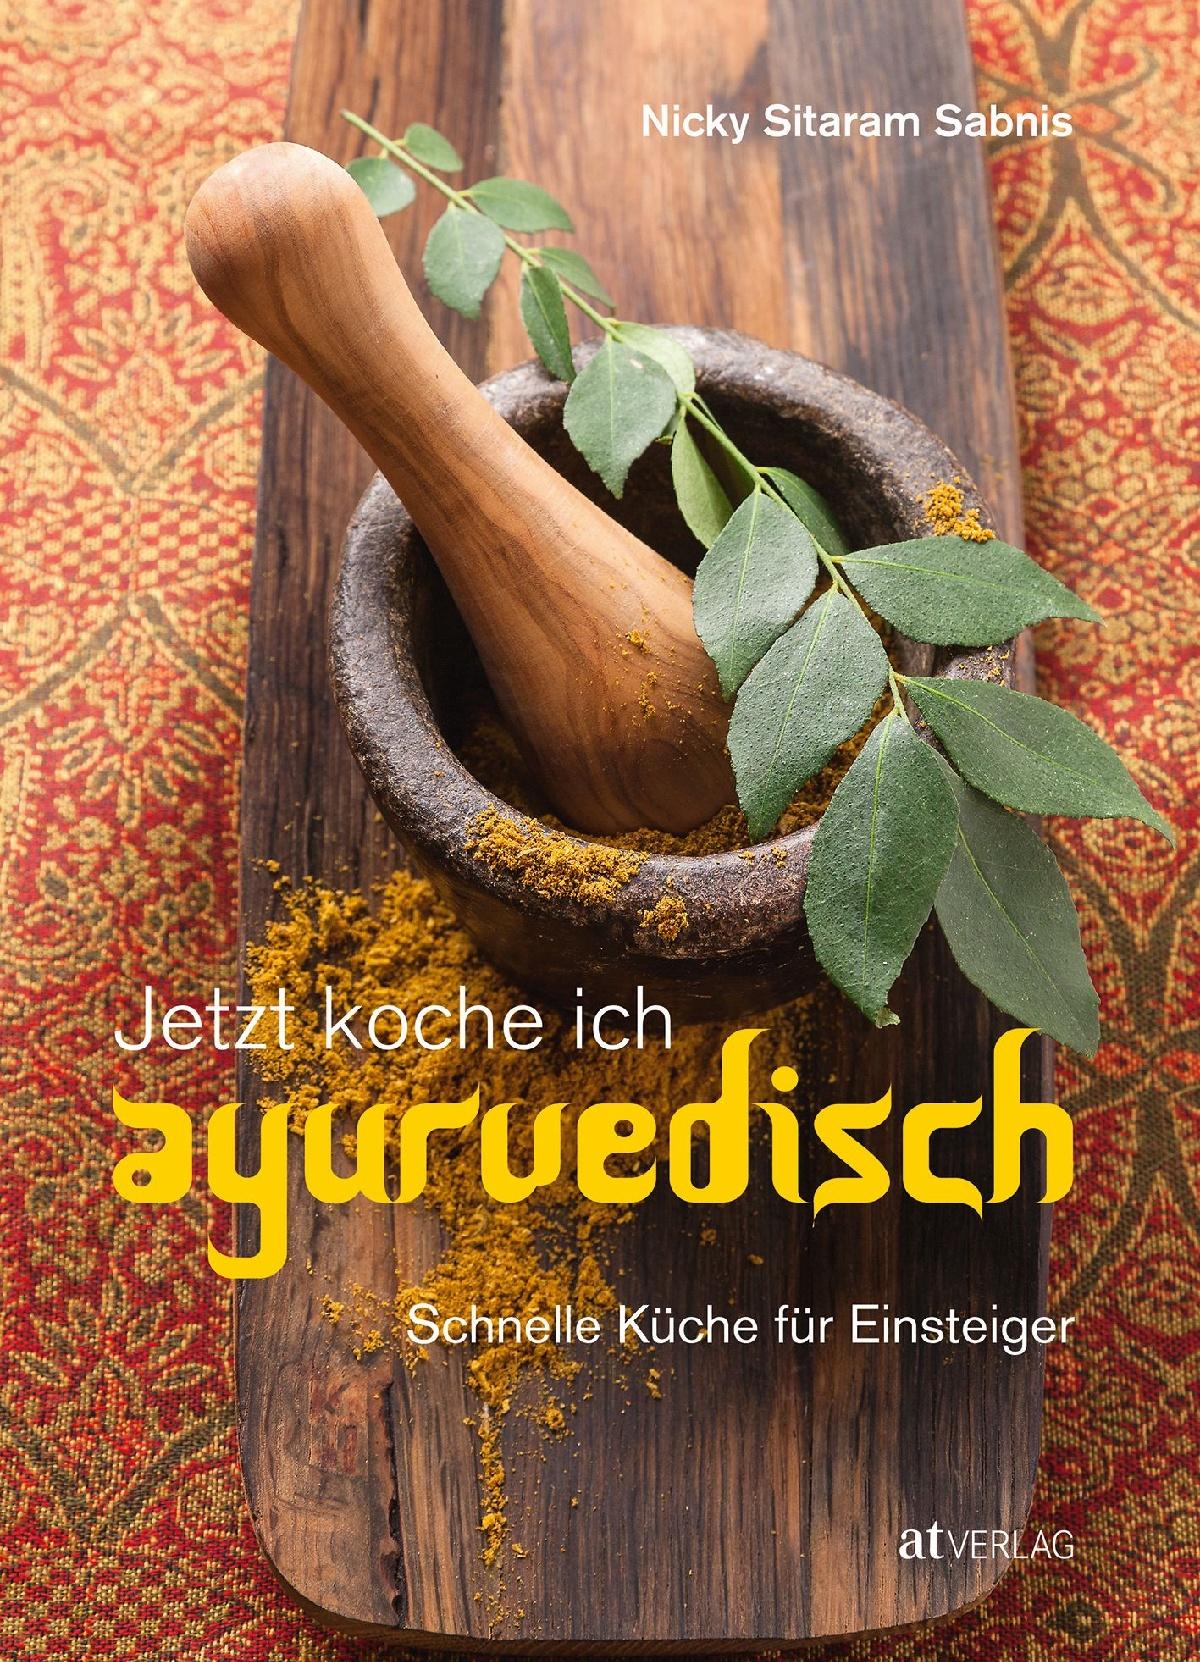 Buch: Jetzt koche ich ayurvedisch von Nicky Sitaram Sabnis • AT Verlag